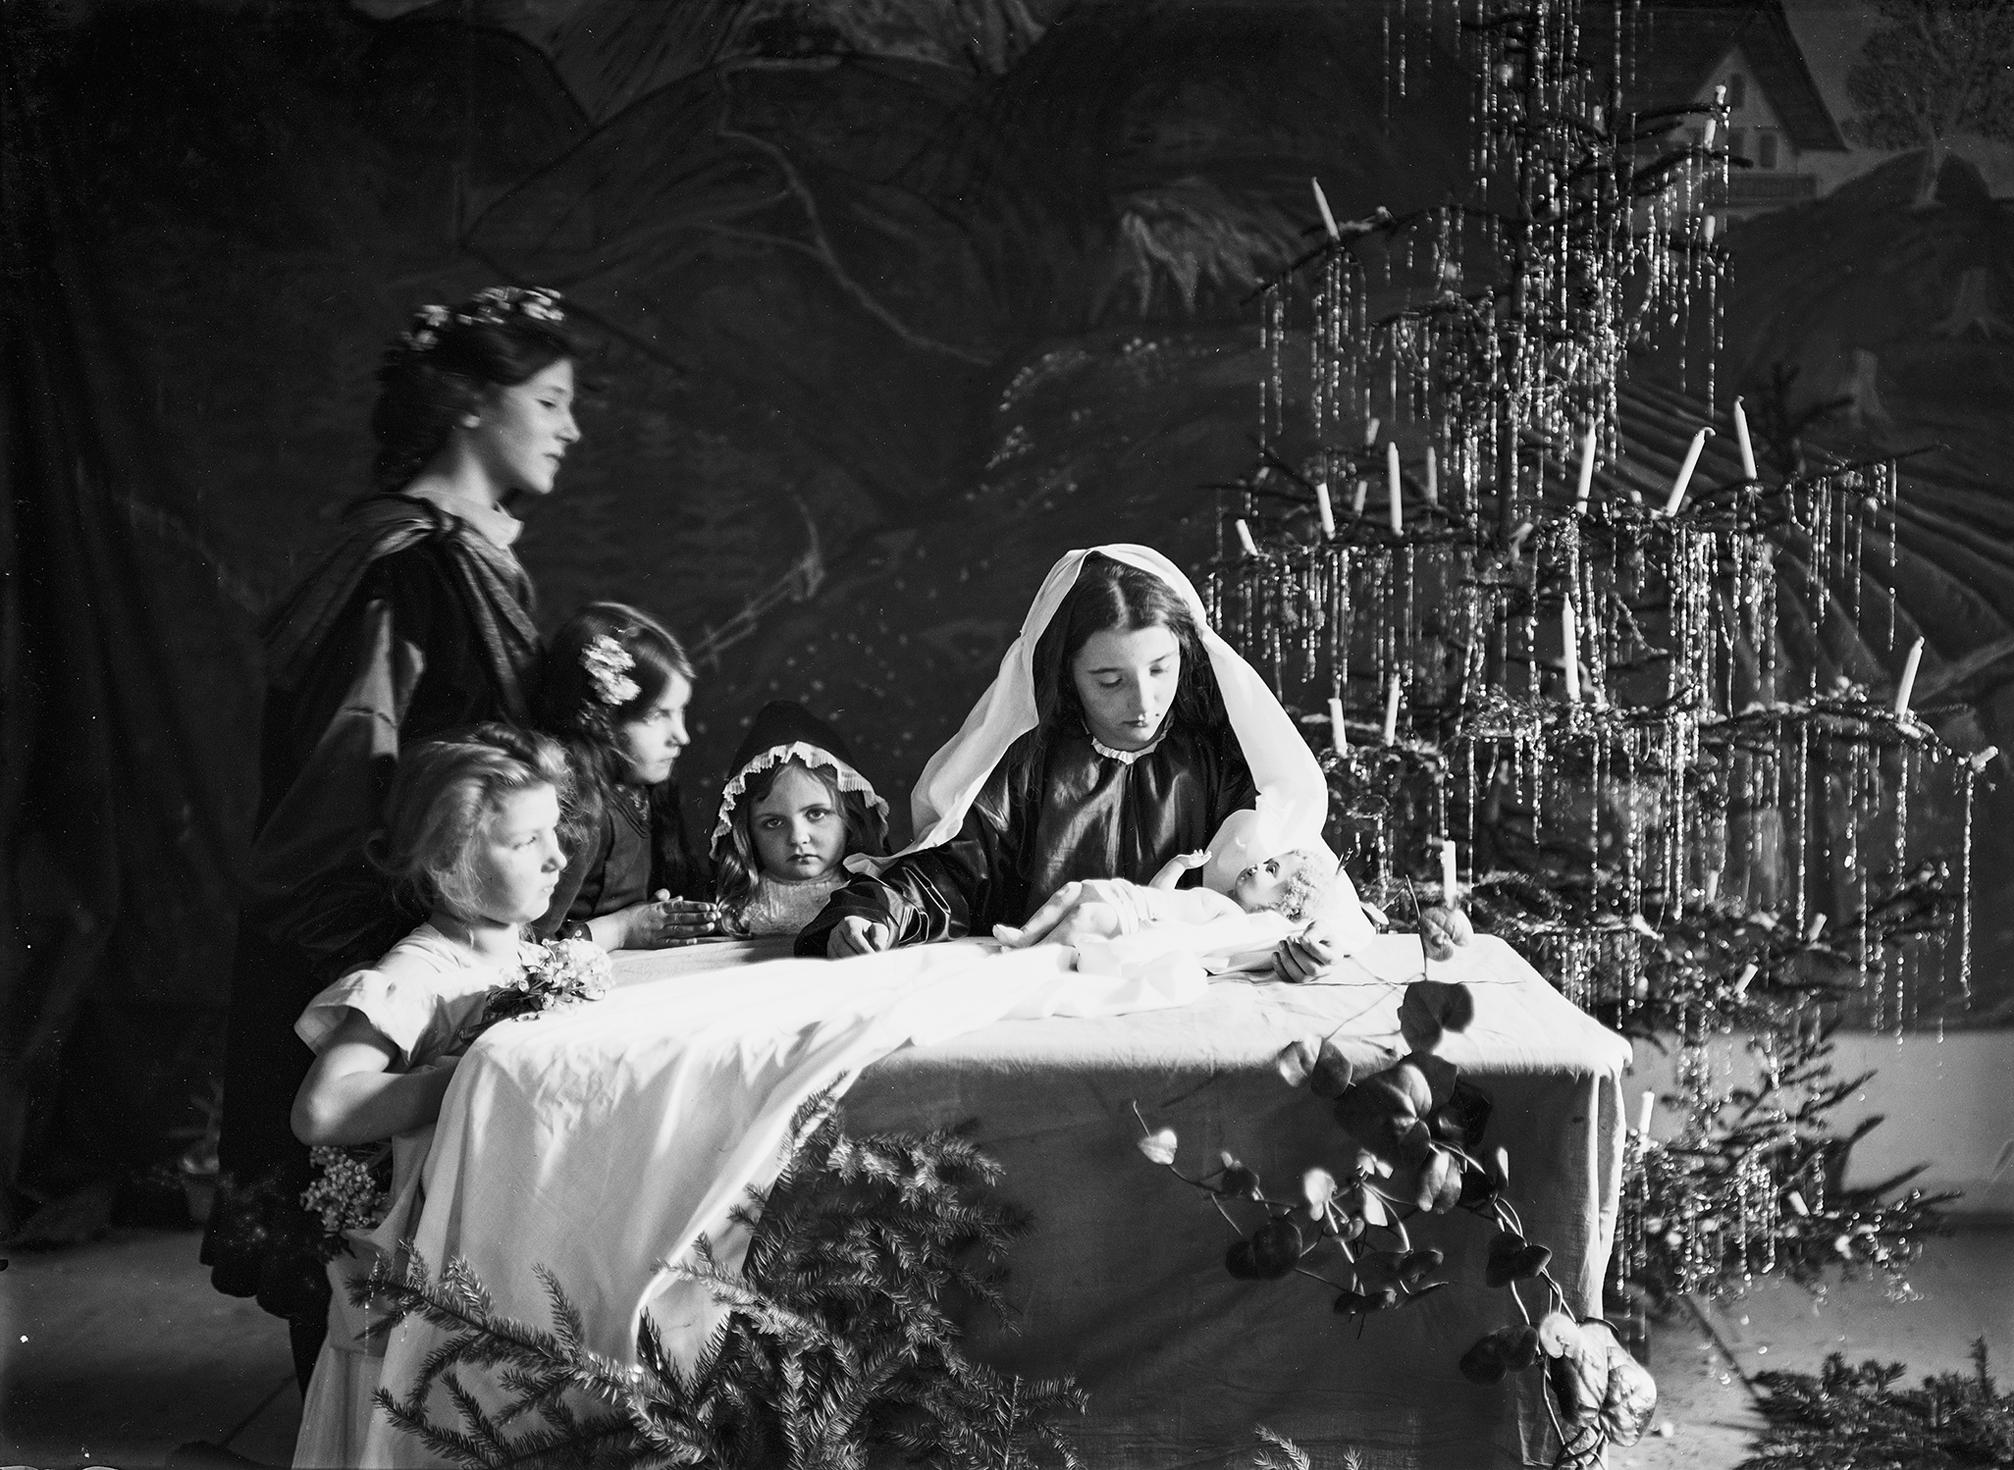 Frohe(?) Weihnachten: Mit Den Augen Des Unbekannten Fotografen XXII